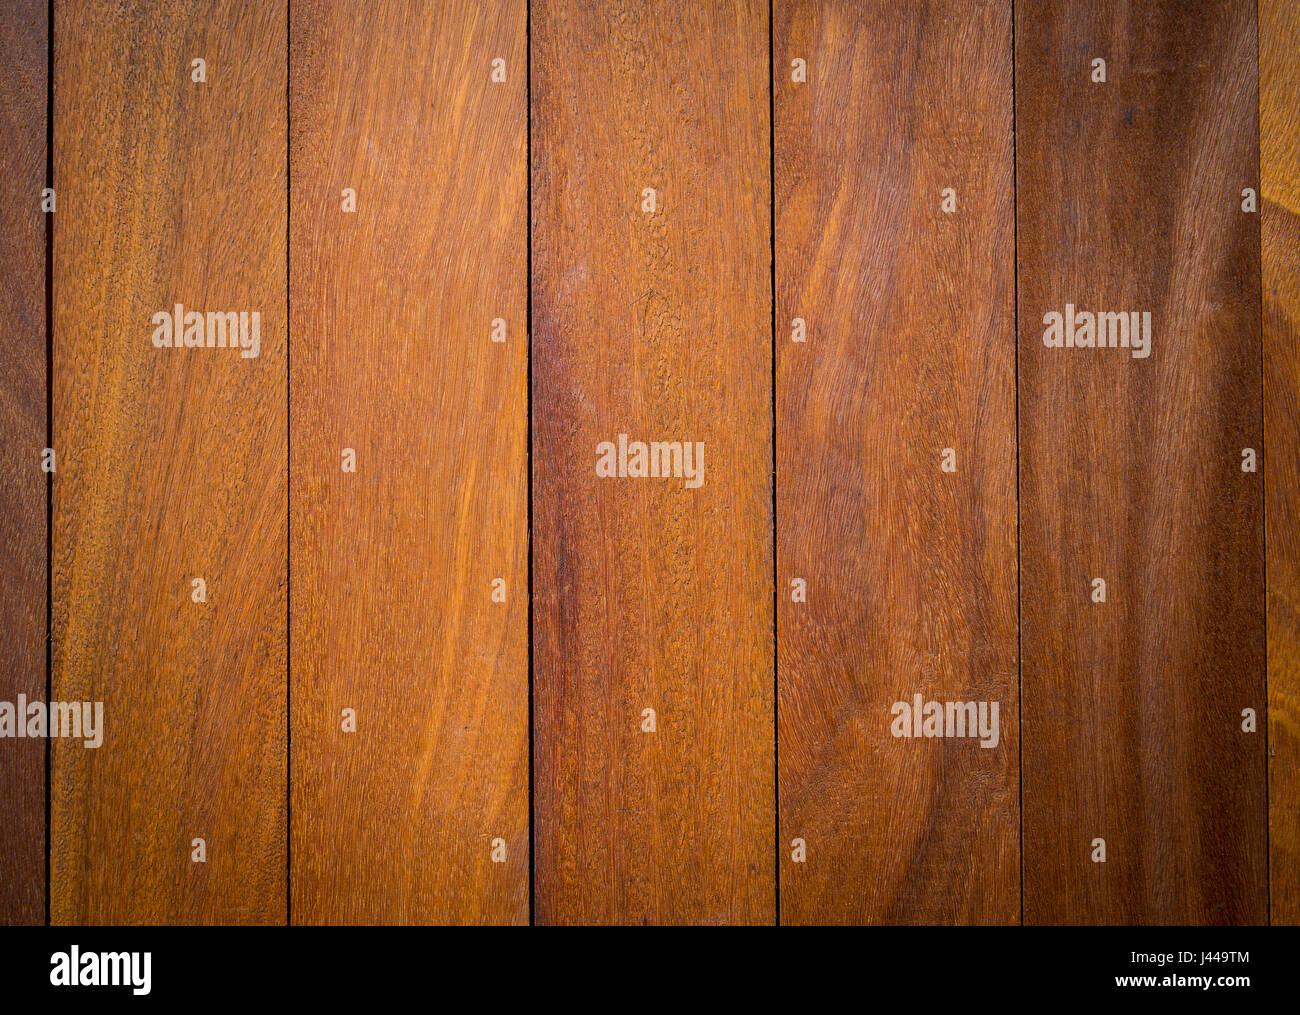 Panel de madera en el fondo liso de grano marrón Imagen De Stock